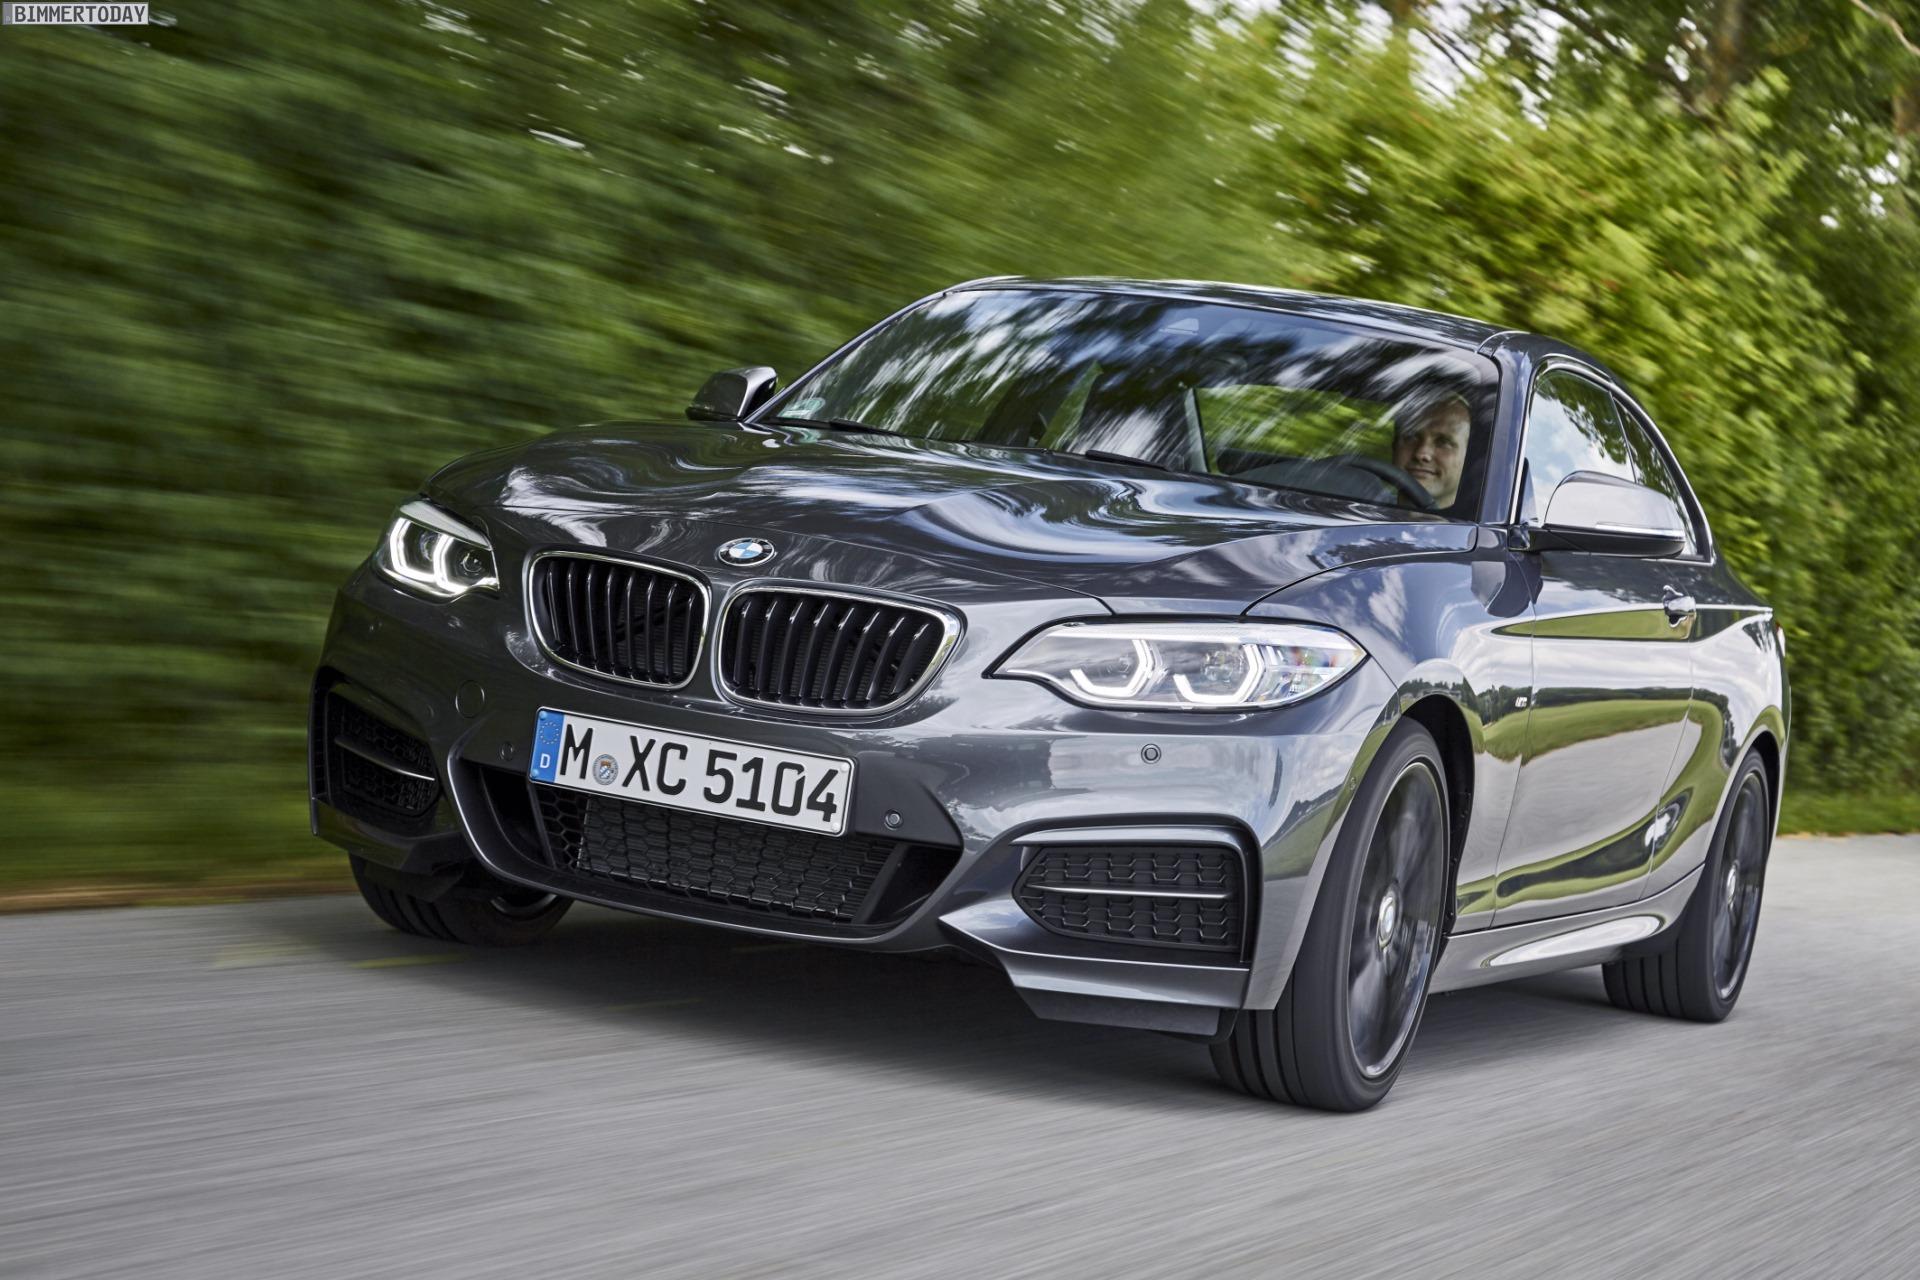 Fahrbericht Bmw M240i 2017 Interieur Facelift Statt Schminke